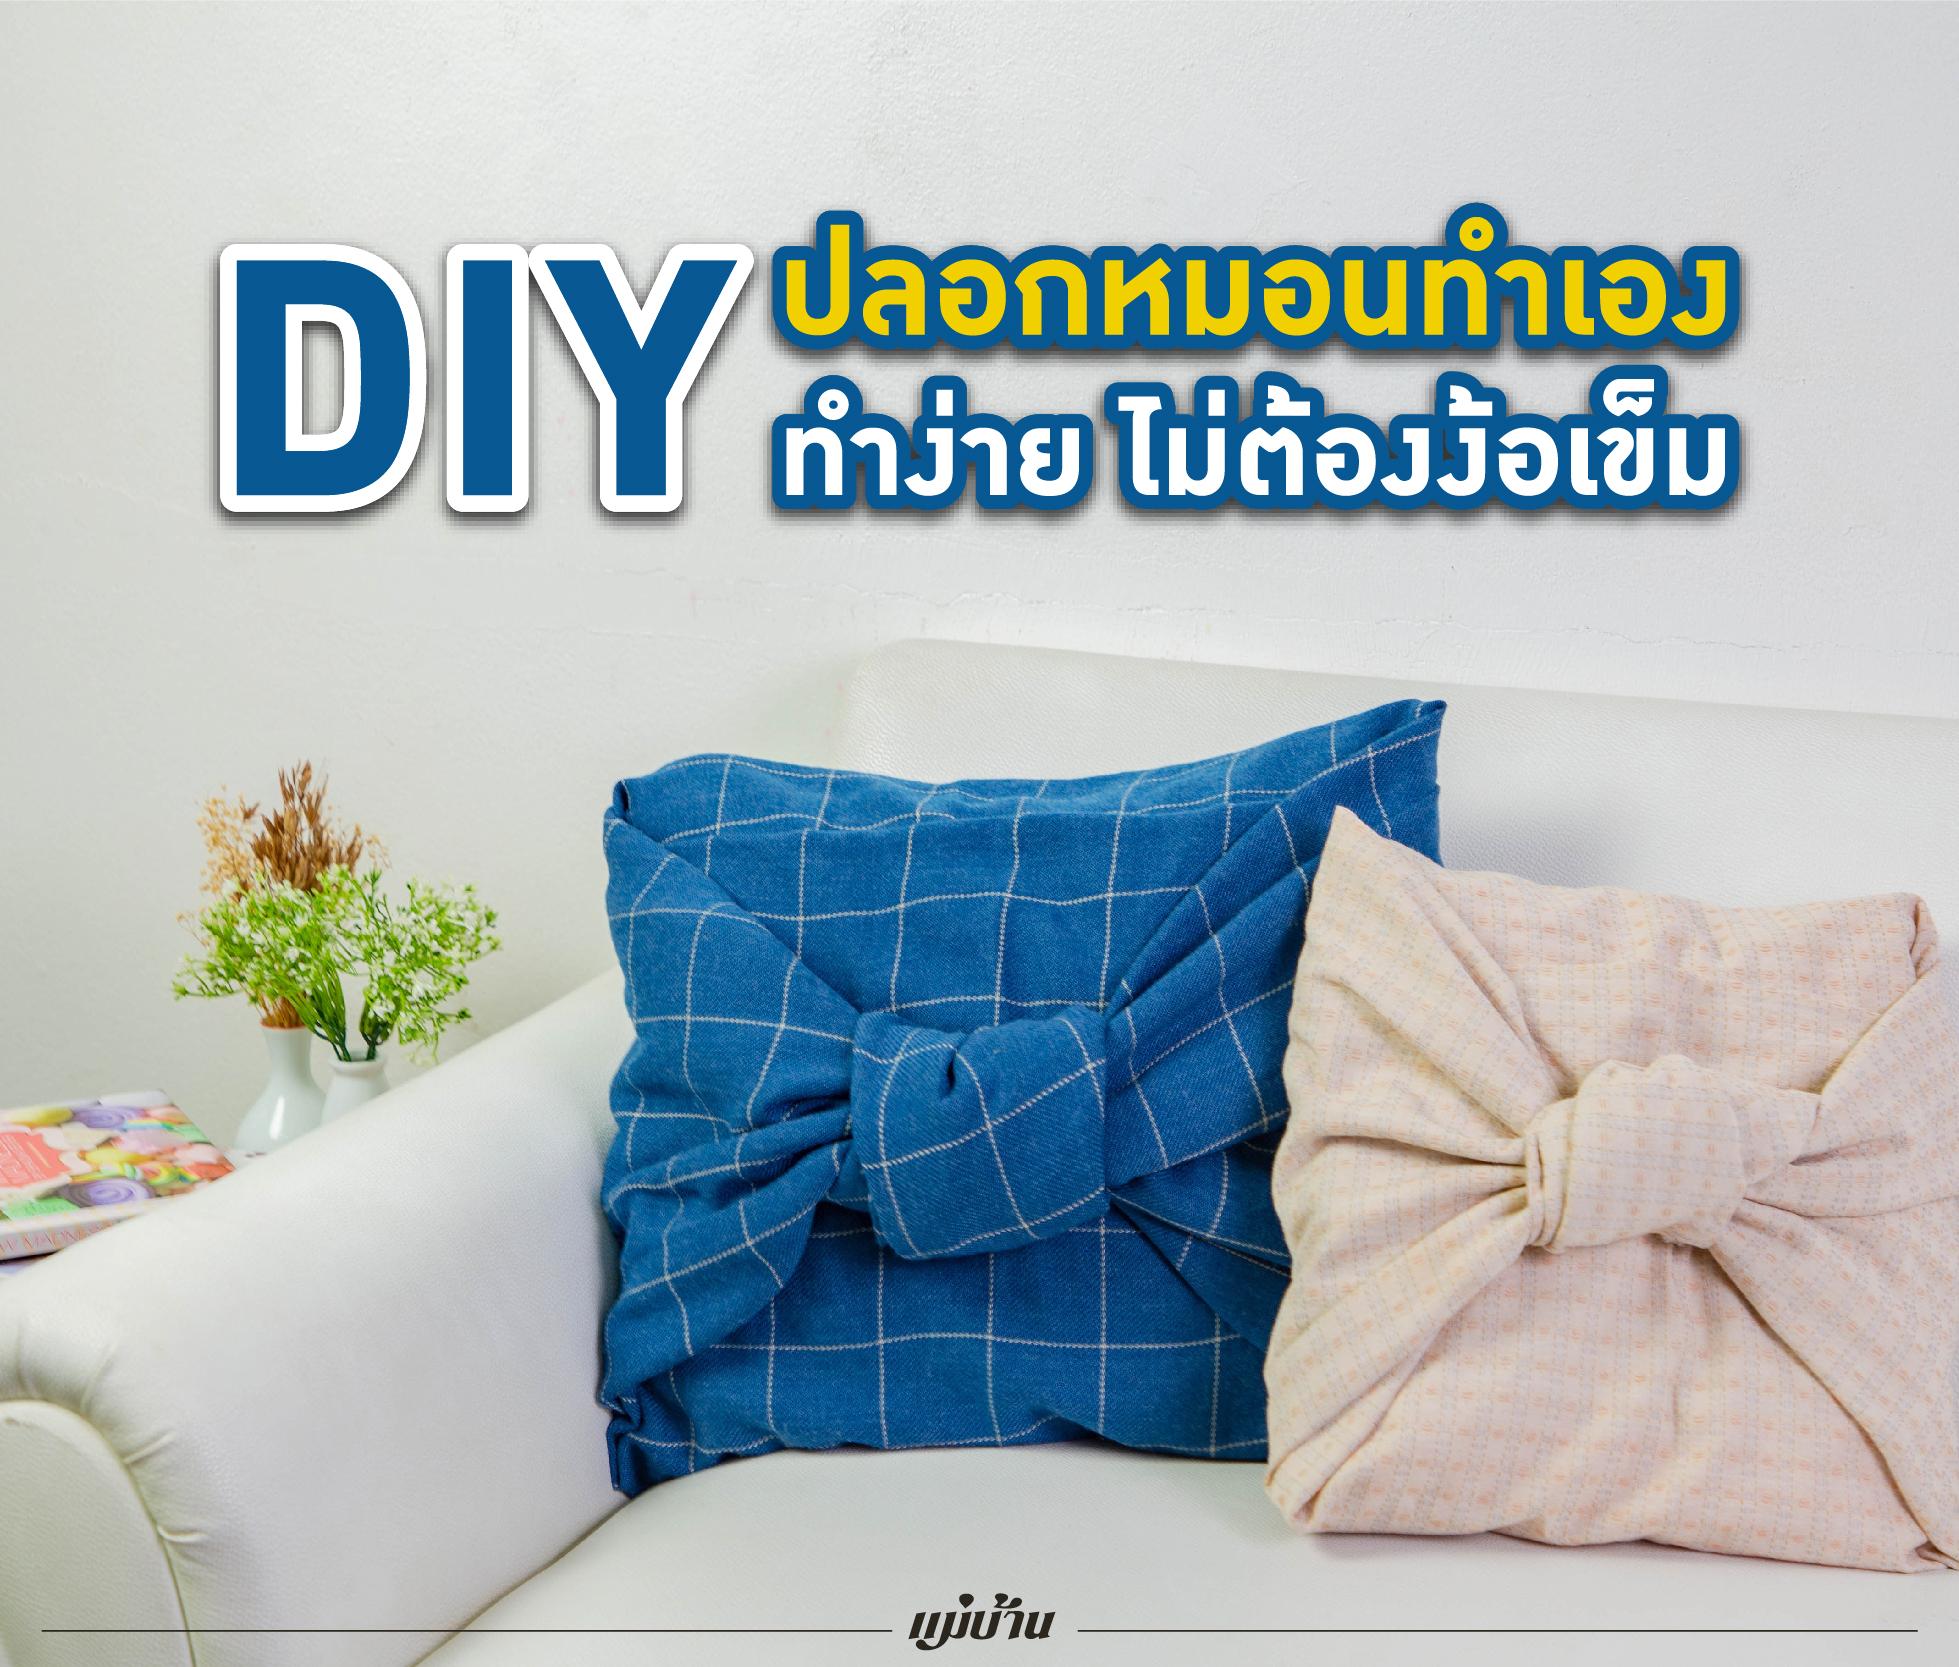 DIY ปลอกหมอนทำเอง ทำง่าย ไม่ต้องง้อเข็ม สำนักพิมพ์แม่บ้าน